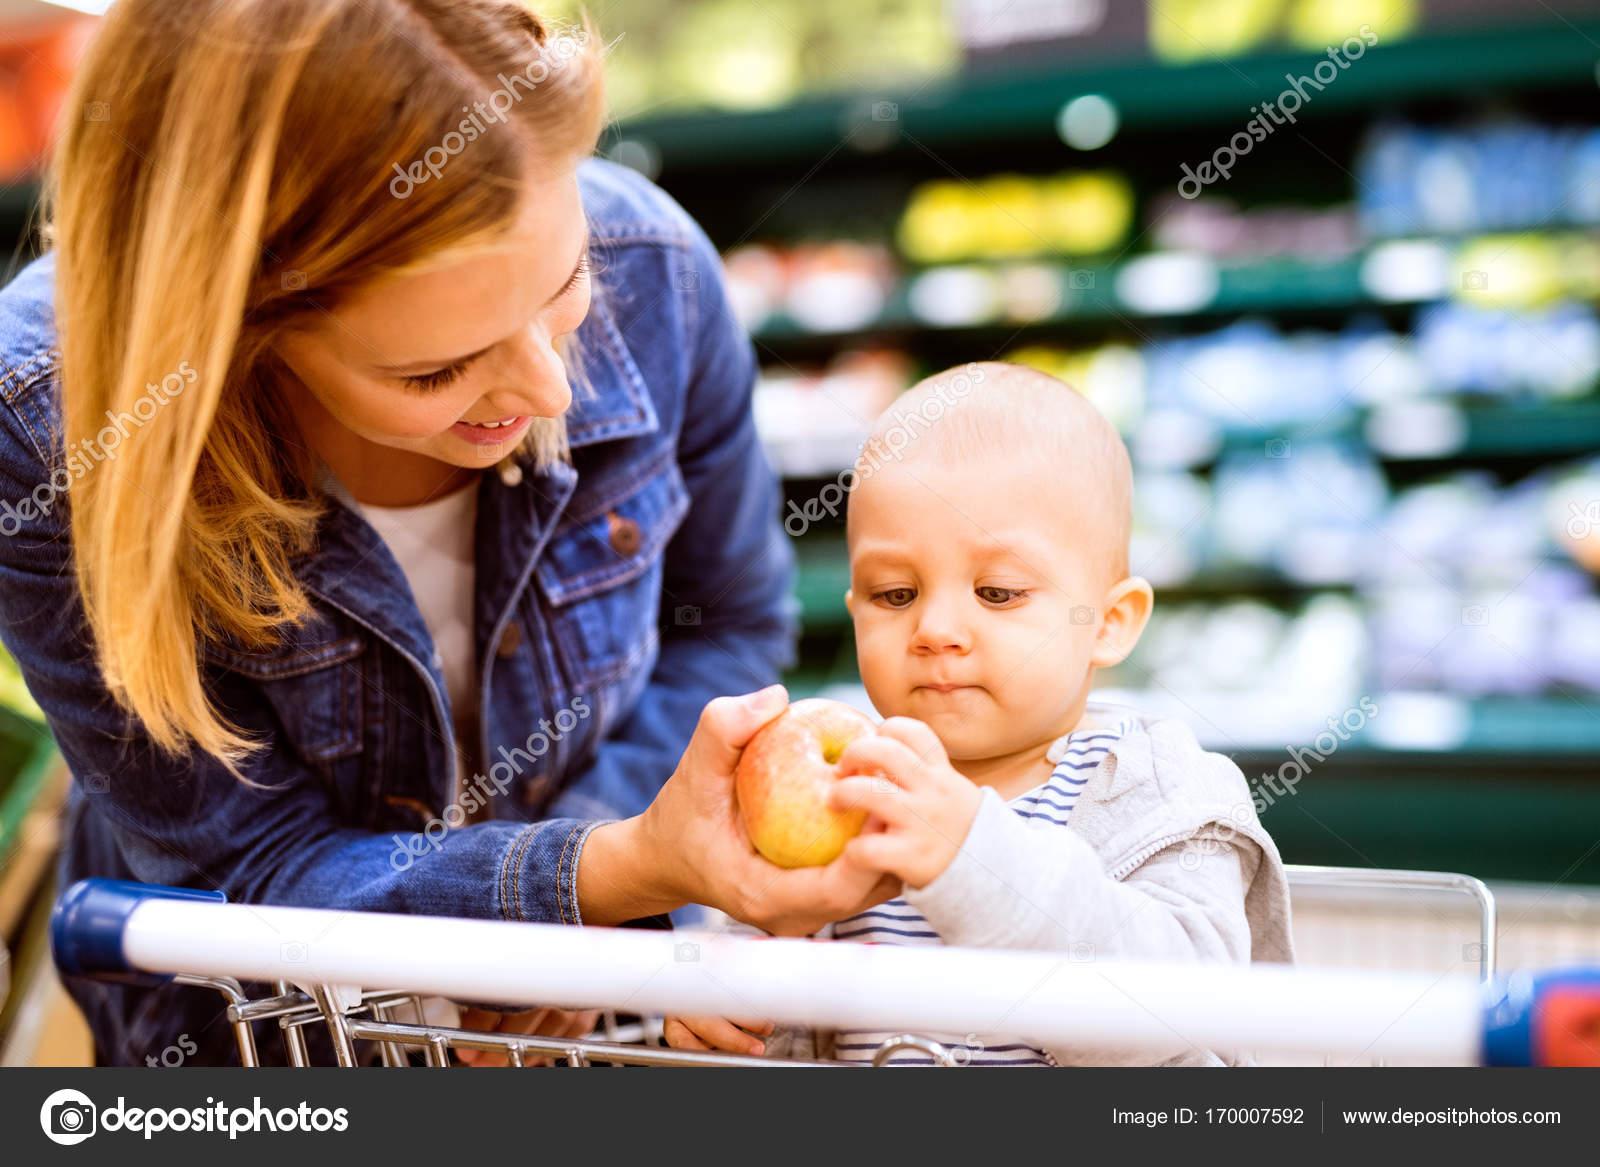 434e119506ed7c Schöne junge Mutter mit ihrem kleinen Baby-jungen im Supermarkt einkaufen.  Frau mit ihrem Sohn einen Apfel. Nahaufnahme — Foto von halfpoint